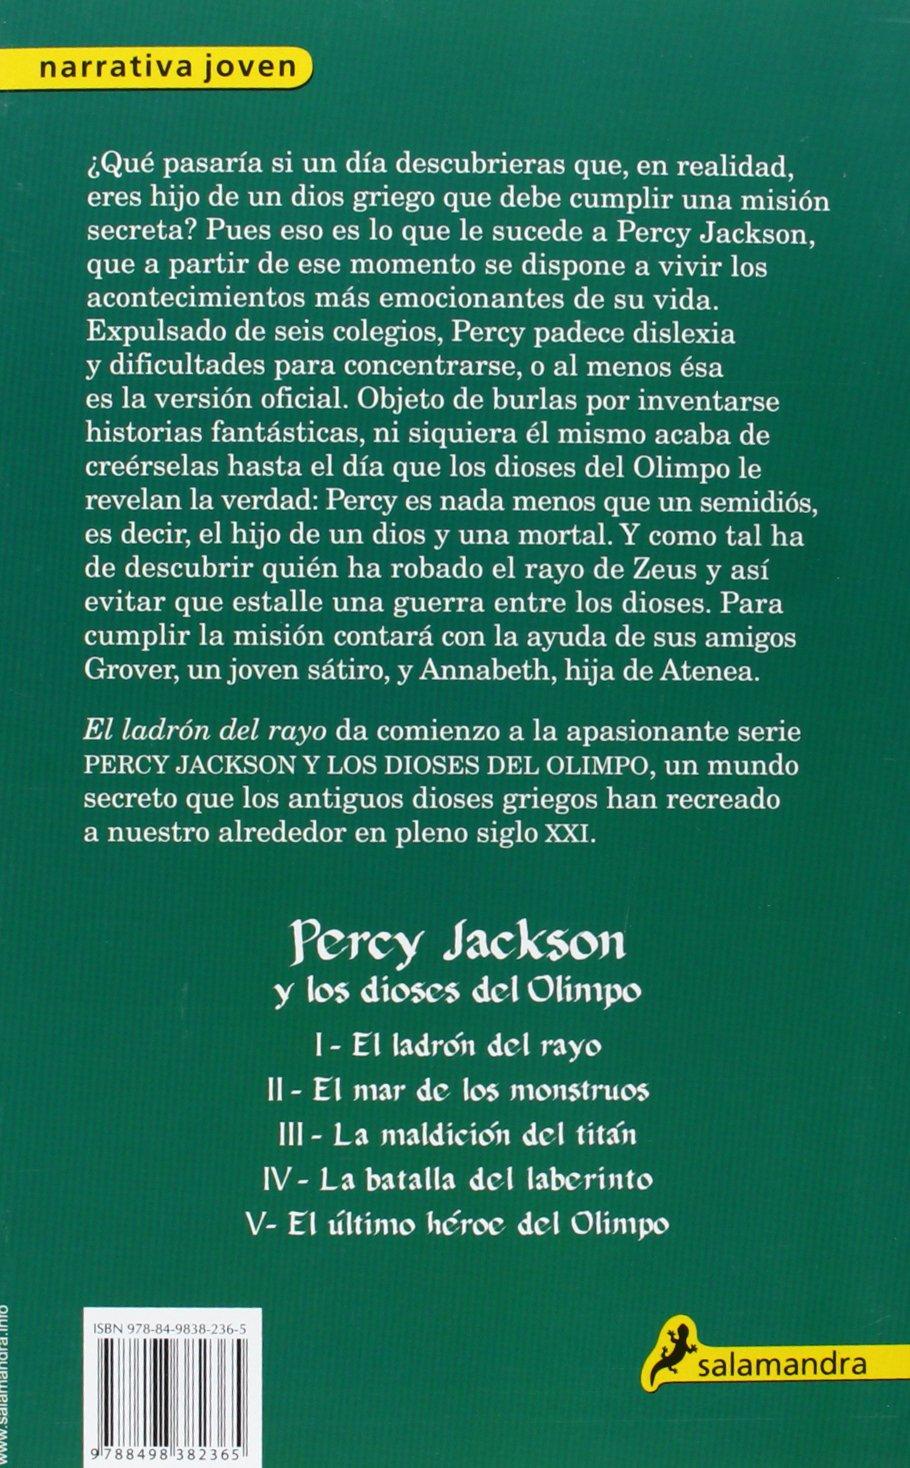 El ladrón del rayo: Percy Jackson y los Dioses del Olimpo I Narrativa Joven:  Amazon.es: Rick Riordan: Libros